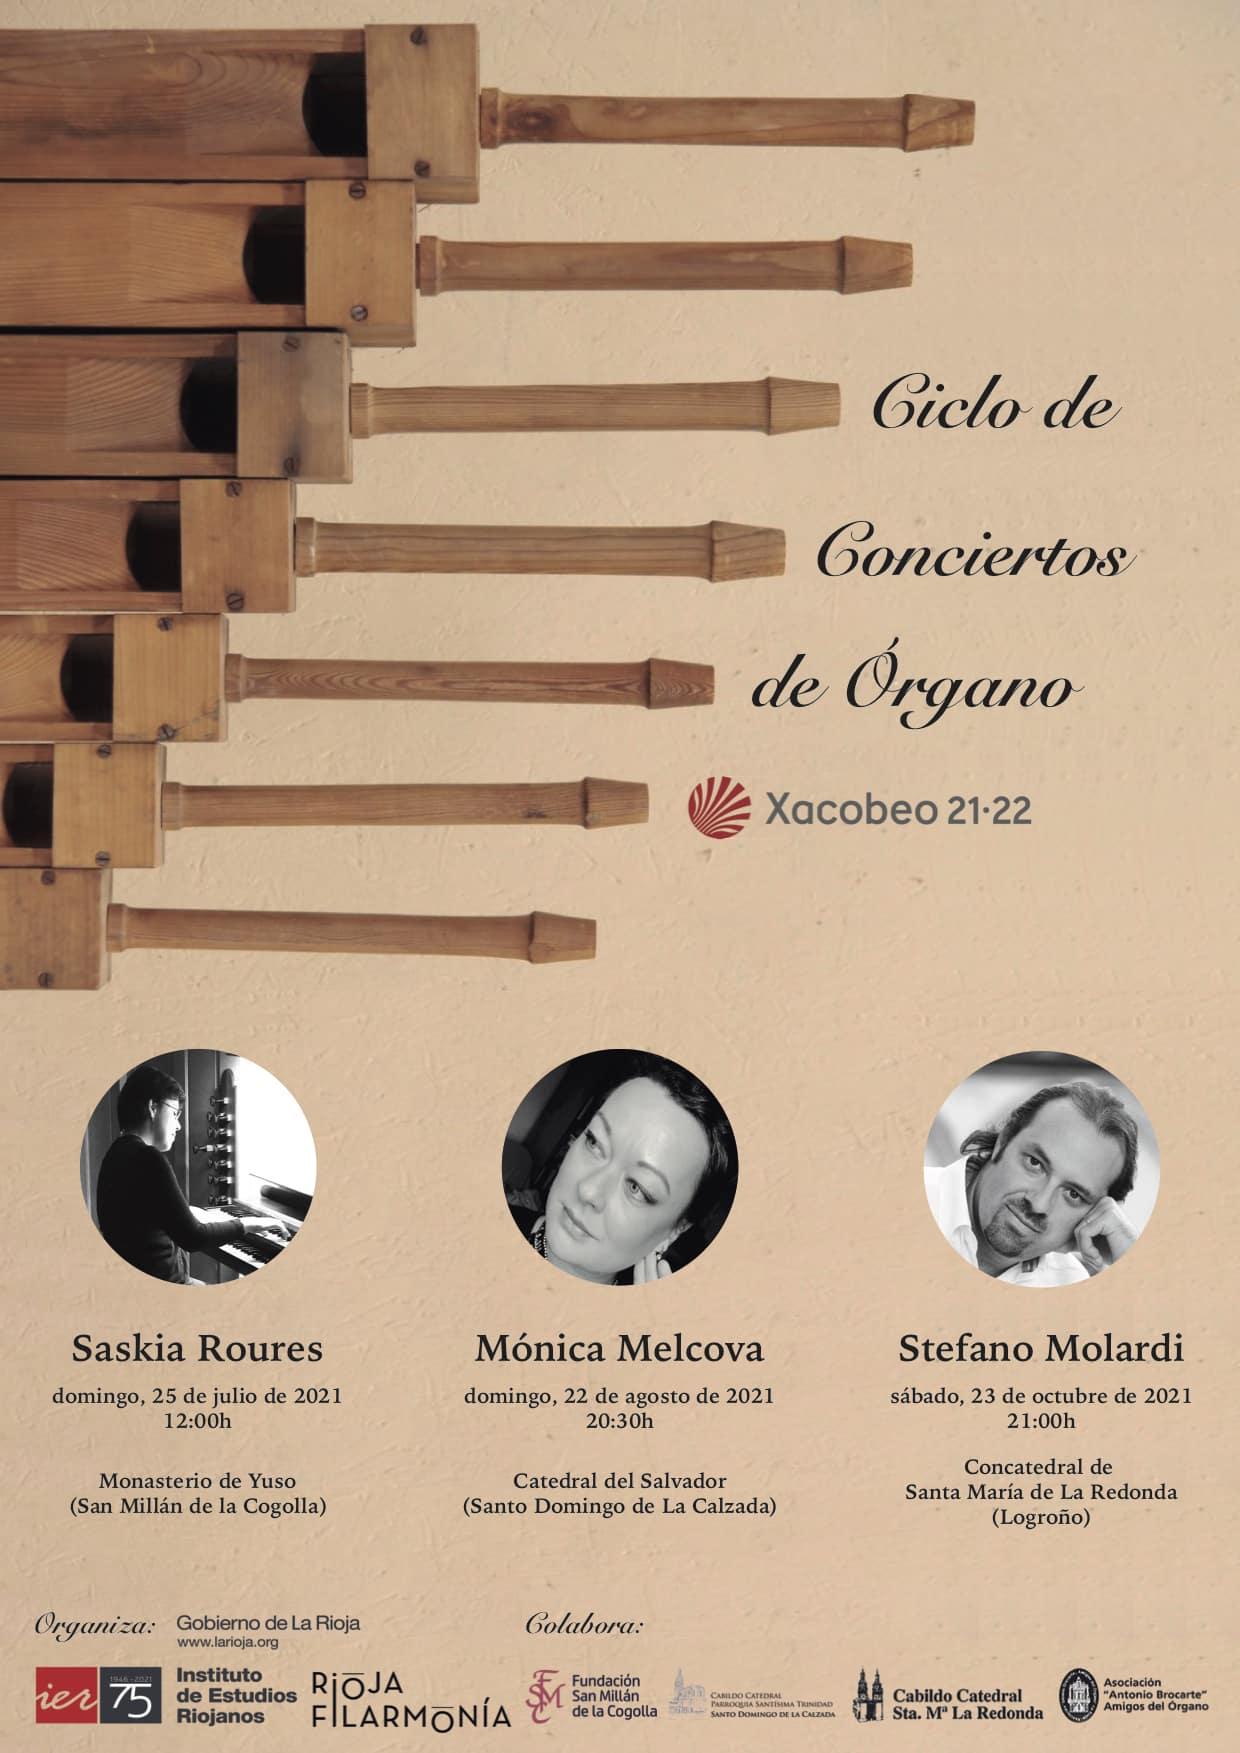 Yuso acoge este domingo el inicio de un Ciclo de Conciertos de Órgano por el Xacobeo 1